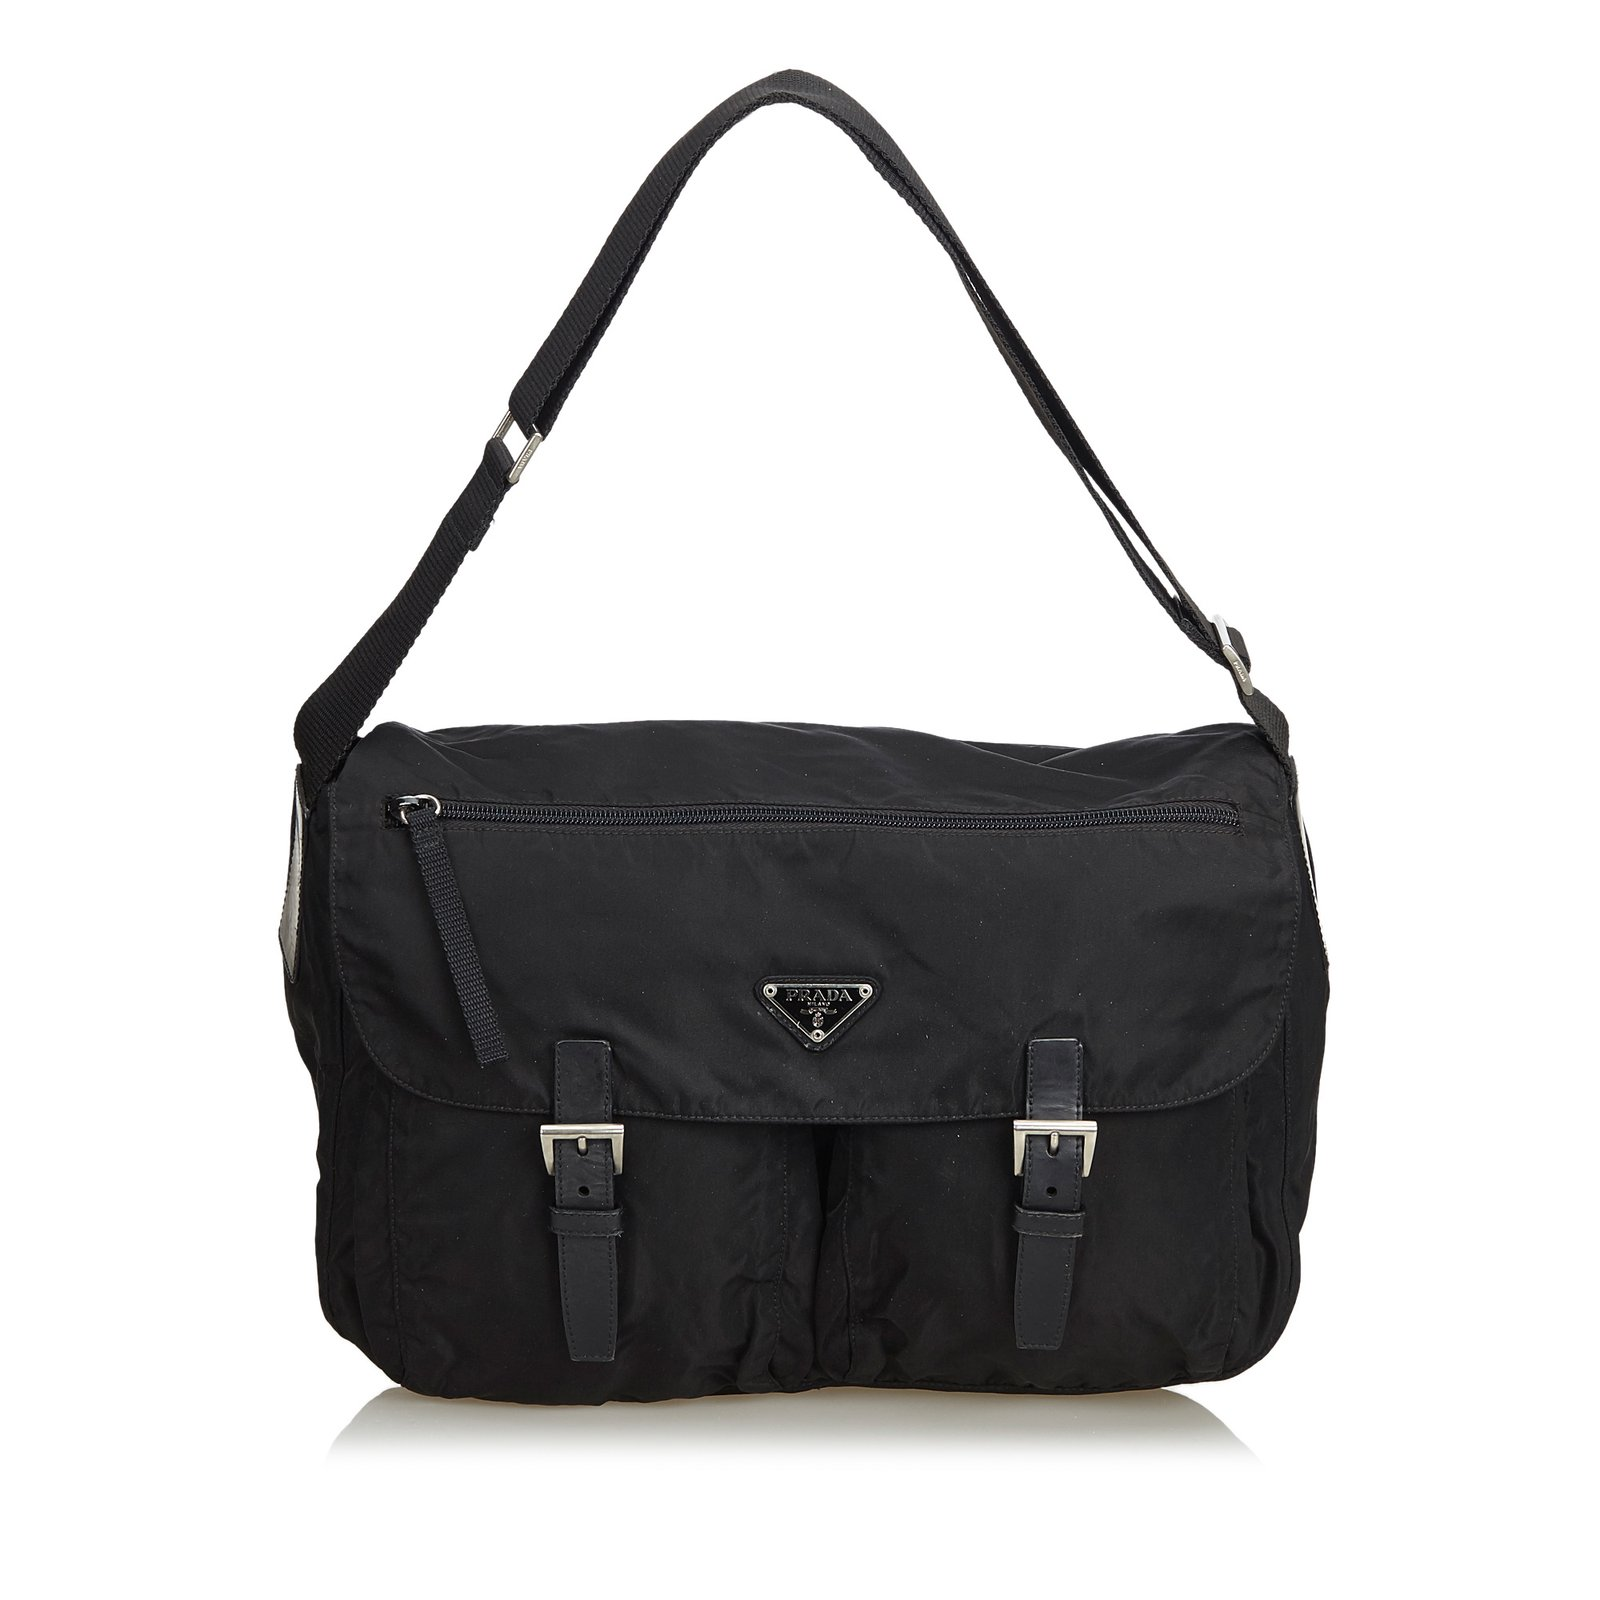 da895a25e1117b Prada Nylon Shoulder Bag Handbags Nylon,Cloth Black ref.103028 ...